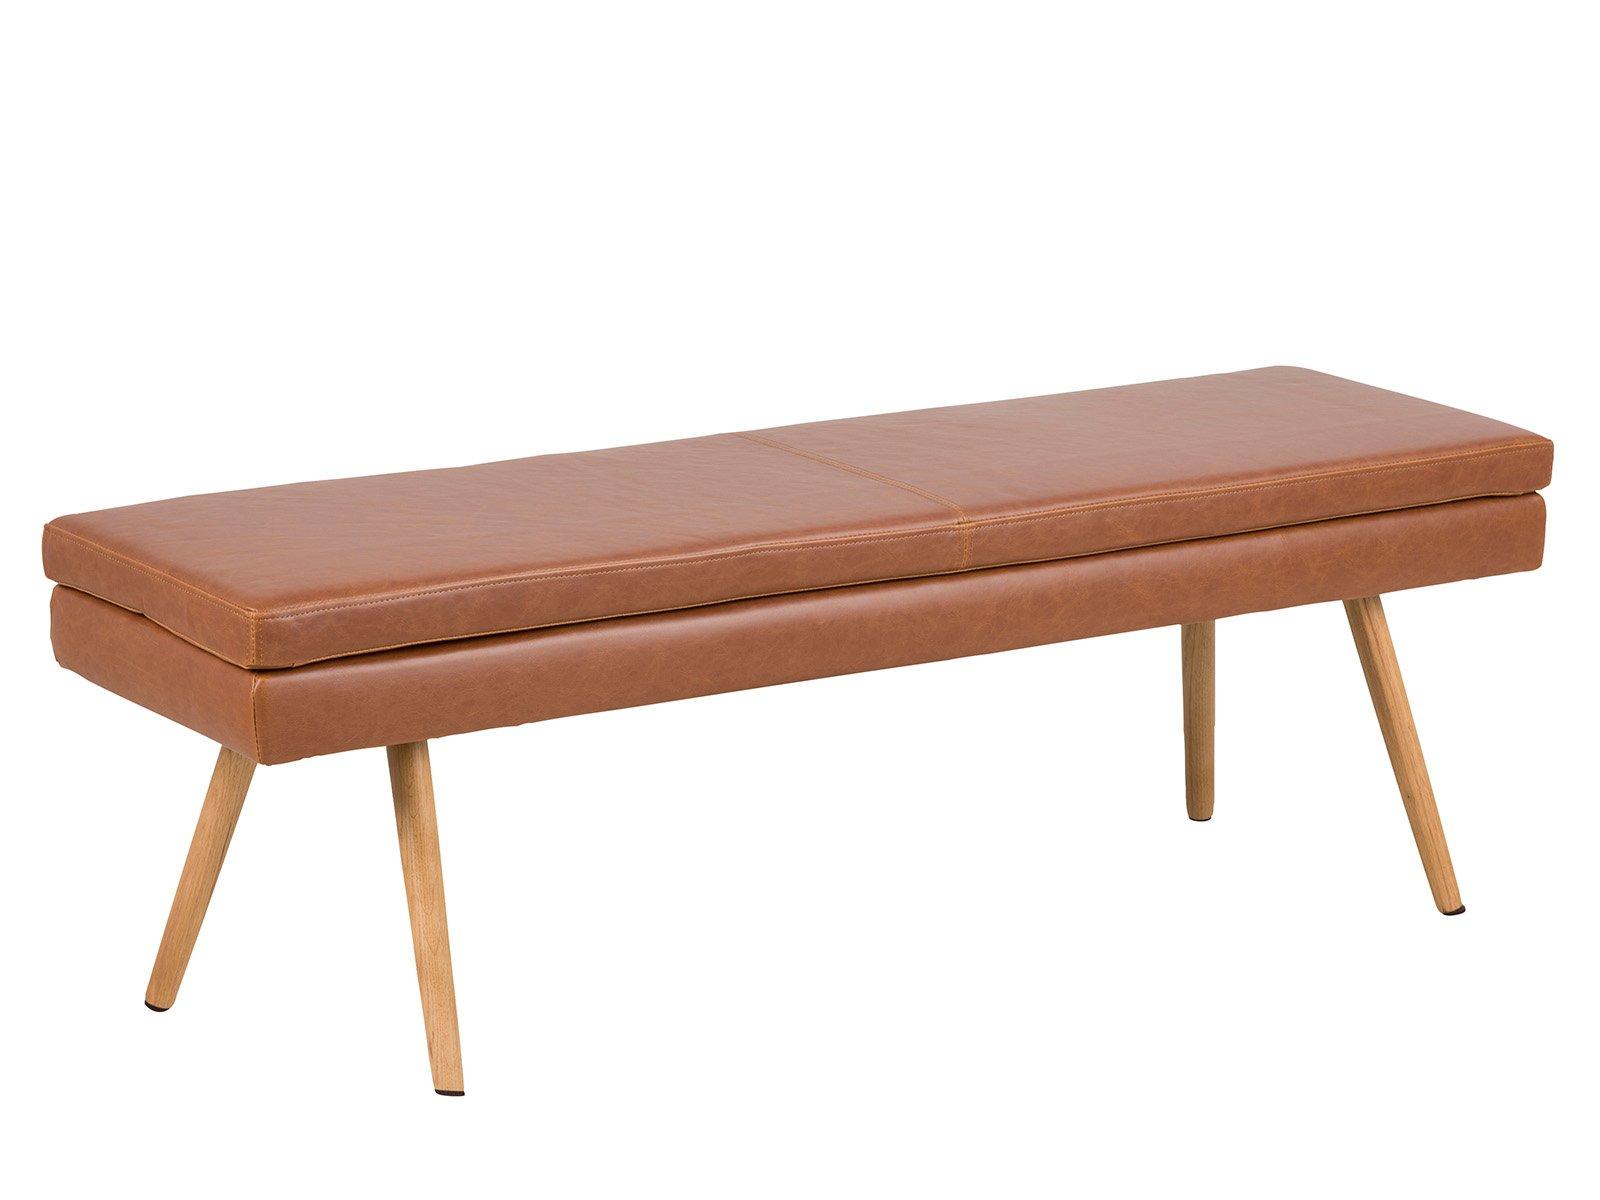 Full Size of Gepolsterte Sitzbank Garten Bad Küche Bett Schlafzimmer Mit Lehne Gepolstertem Kopfteil Wohnzimmer Gepolsterte Sitzbank